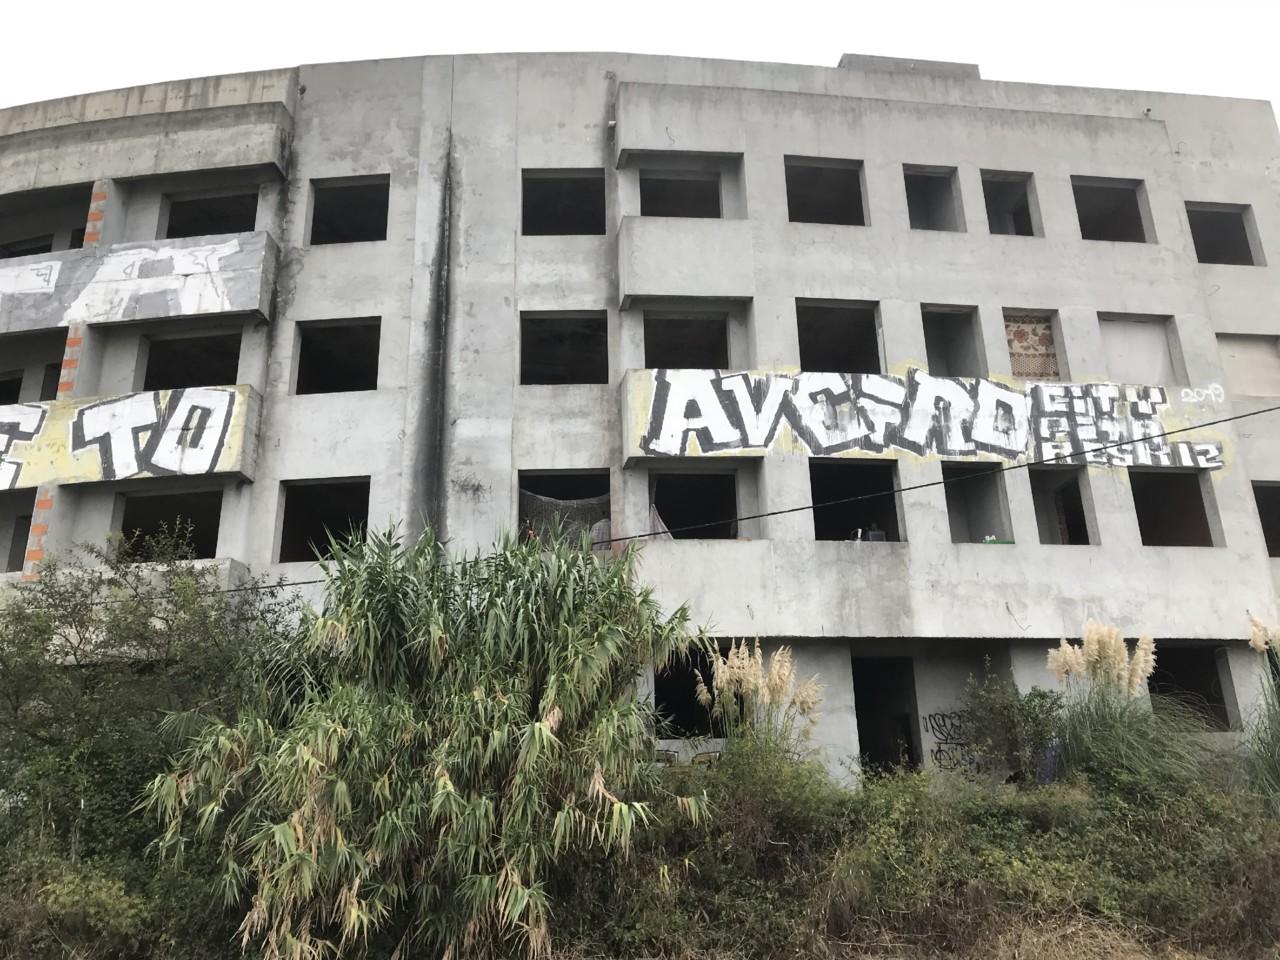 Aveiro-2020-09-04 09.43.27.jpg